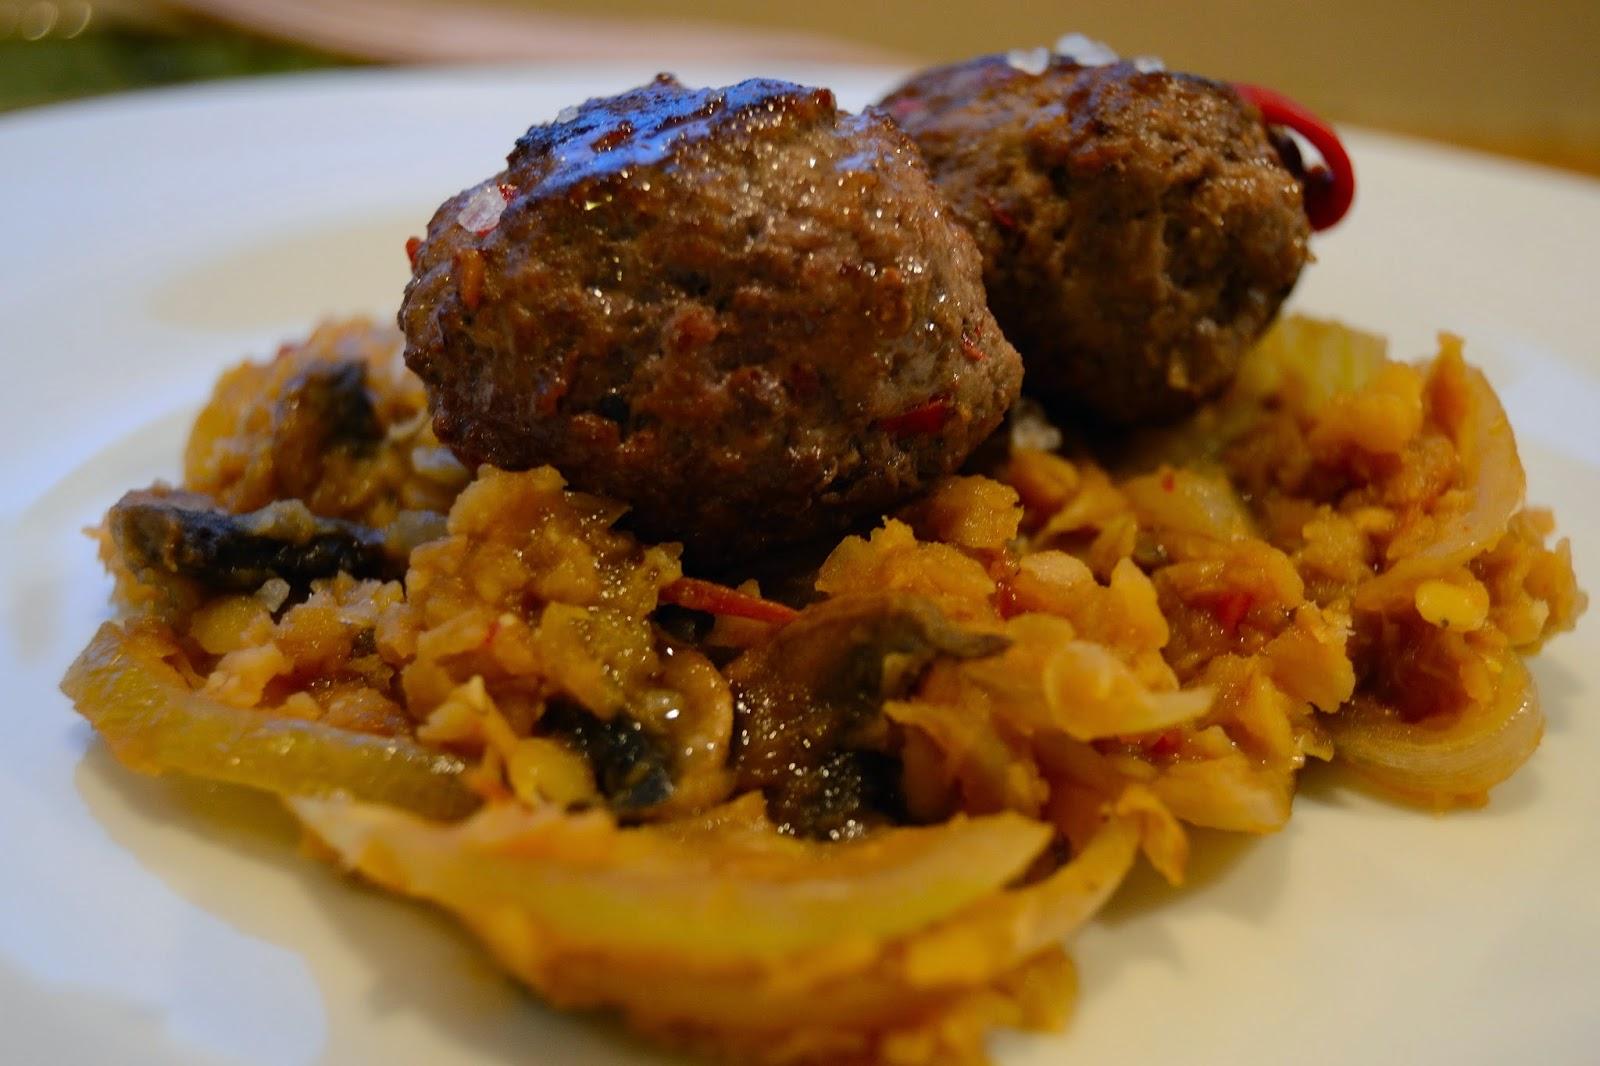 Alb ndigas con salteado de lentejas rojas cocinar para - Acompanamiento para albondigas ...